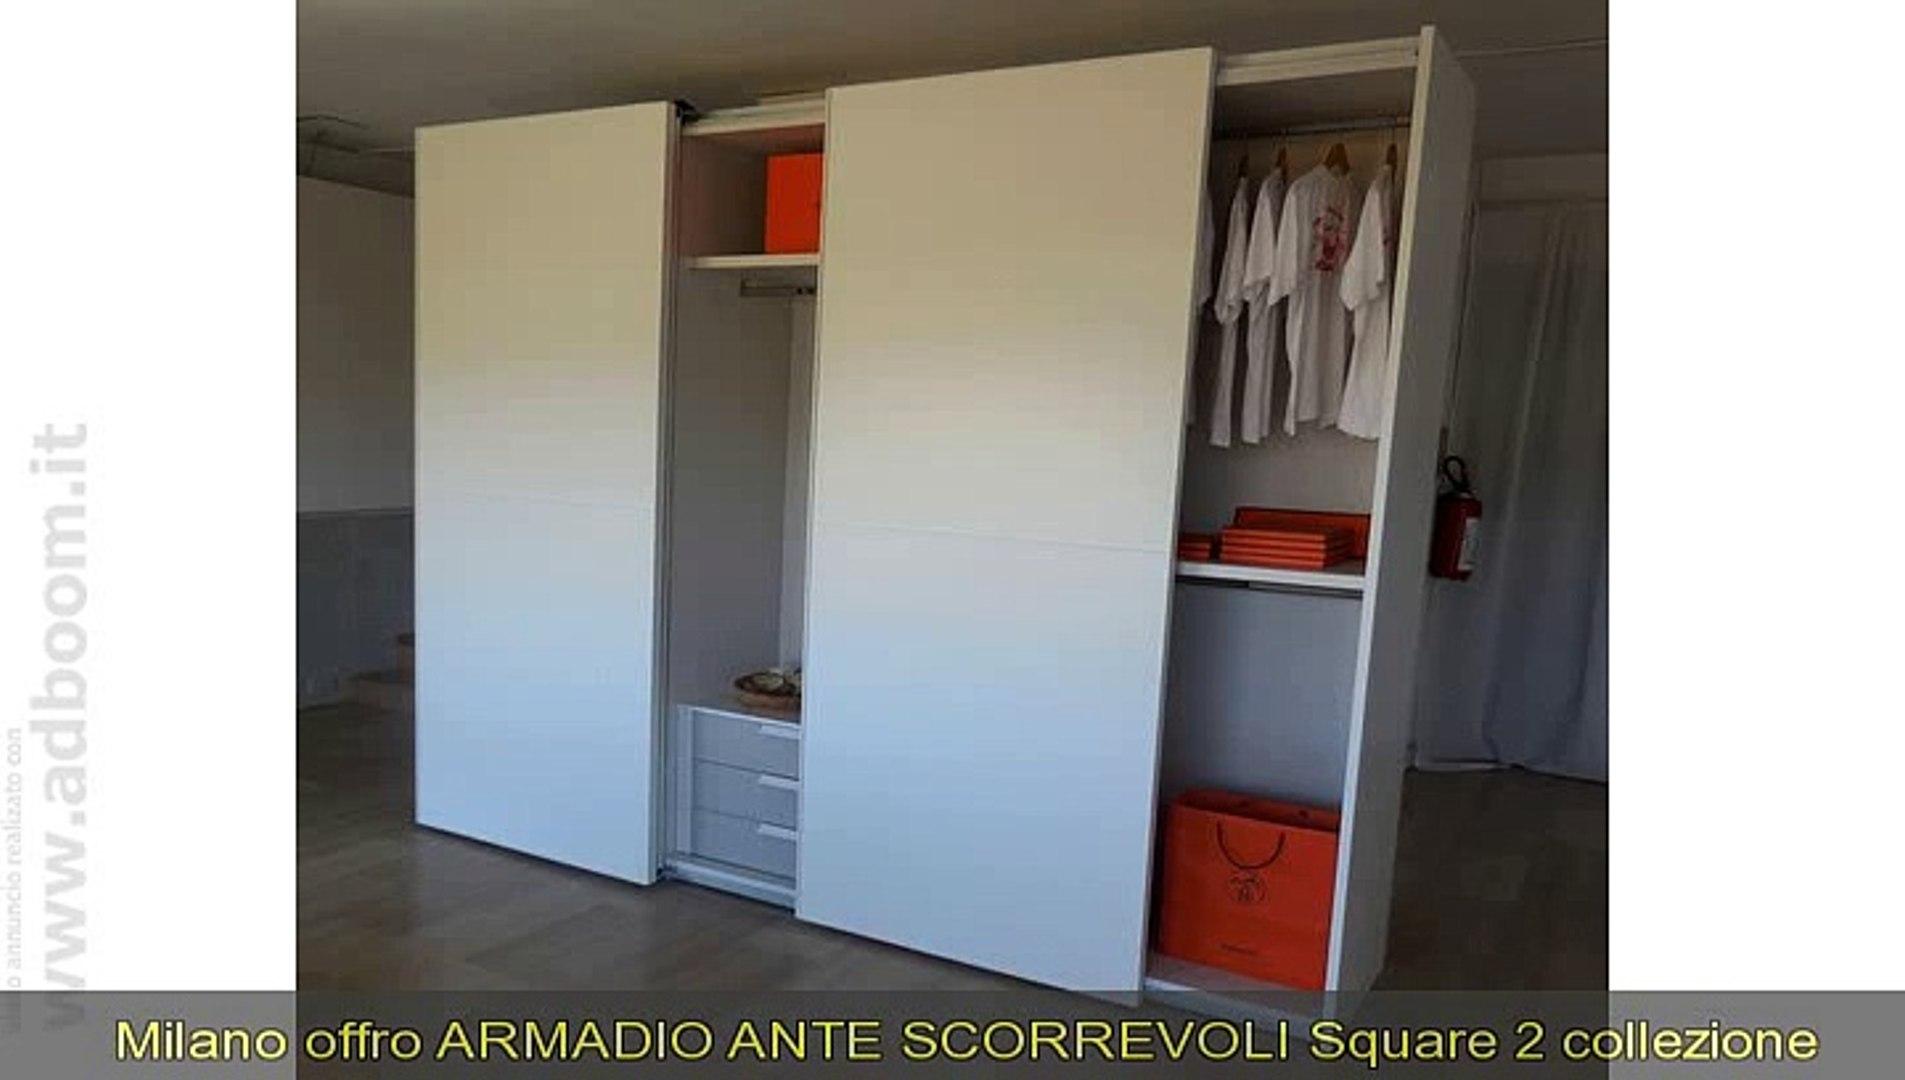 Armadio Ante Scorrevoli A Milano.Milano Armadio Ante Scorrevoli Square 2 Collezione Jesse Euro